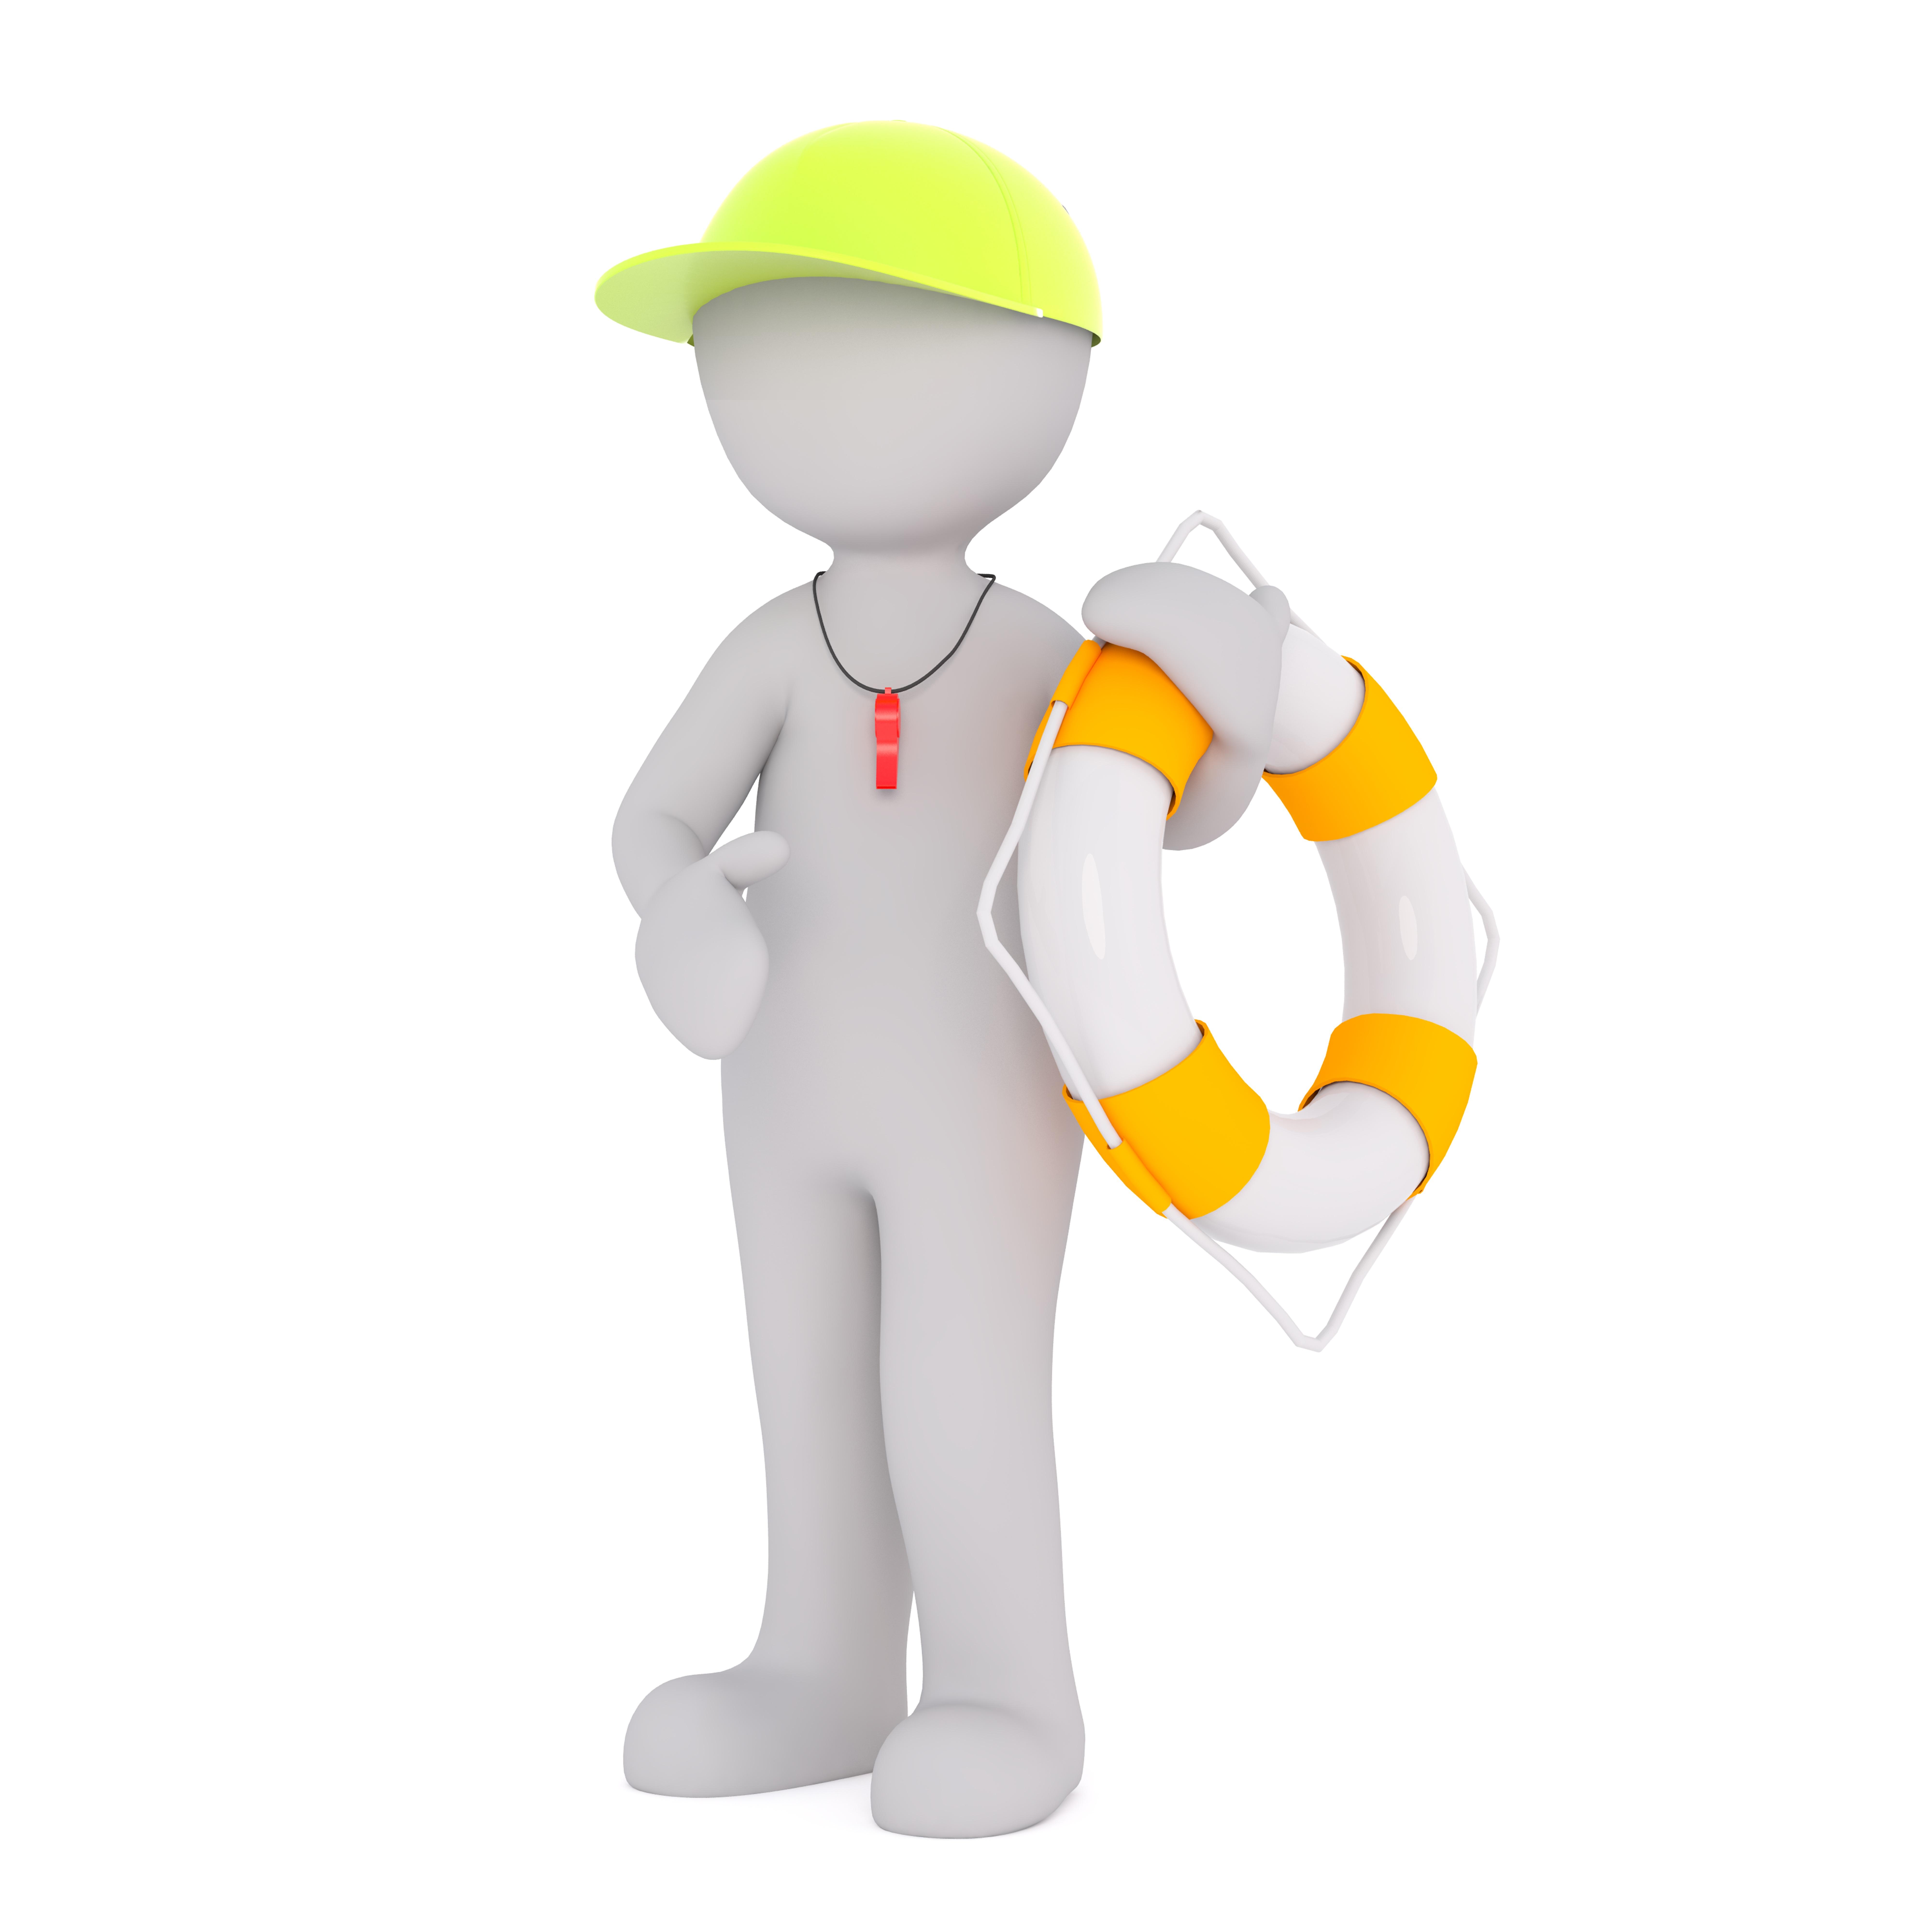 Gambar Tangan Terpencil Penjaga Pantai Model Jari Produk